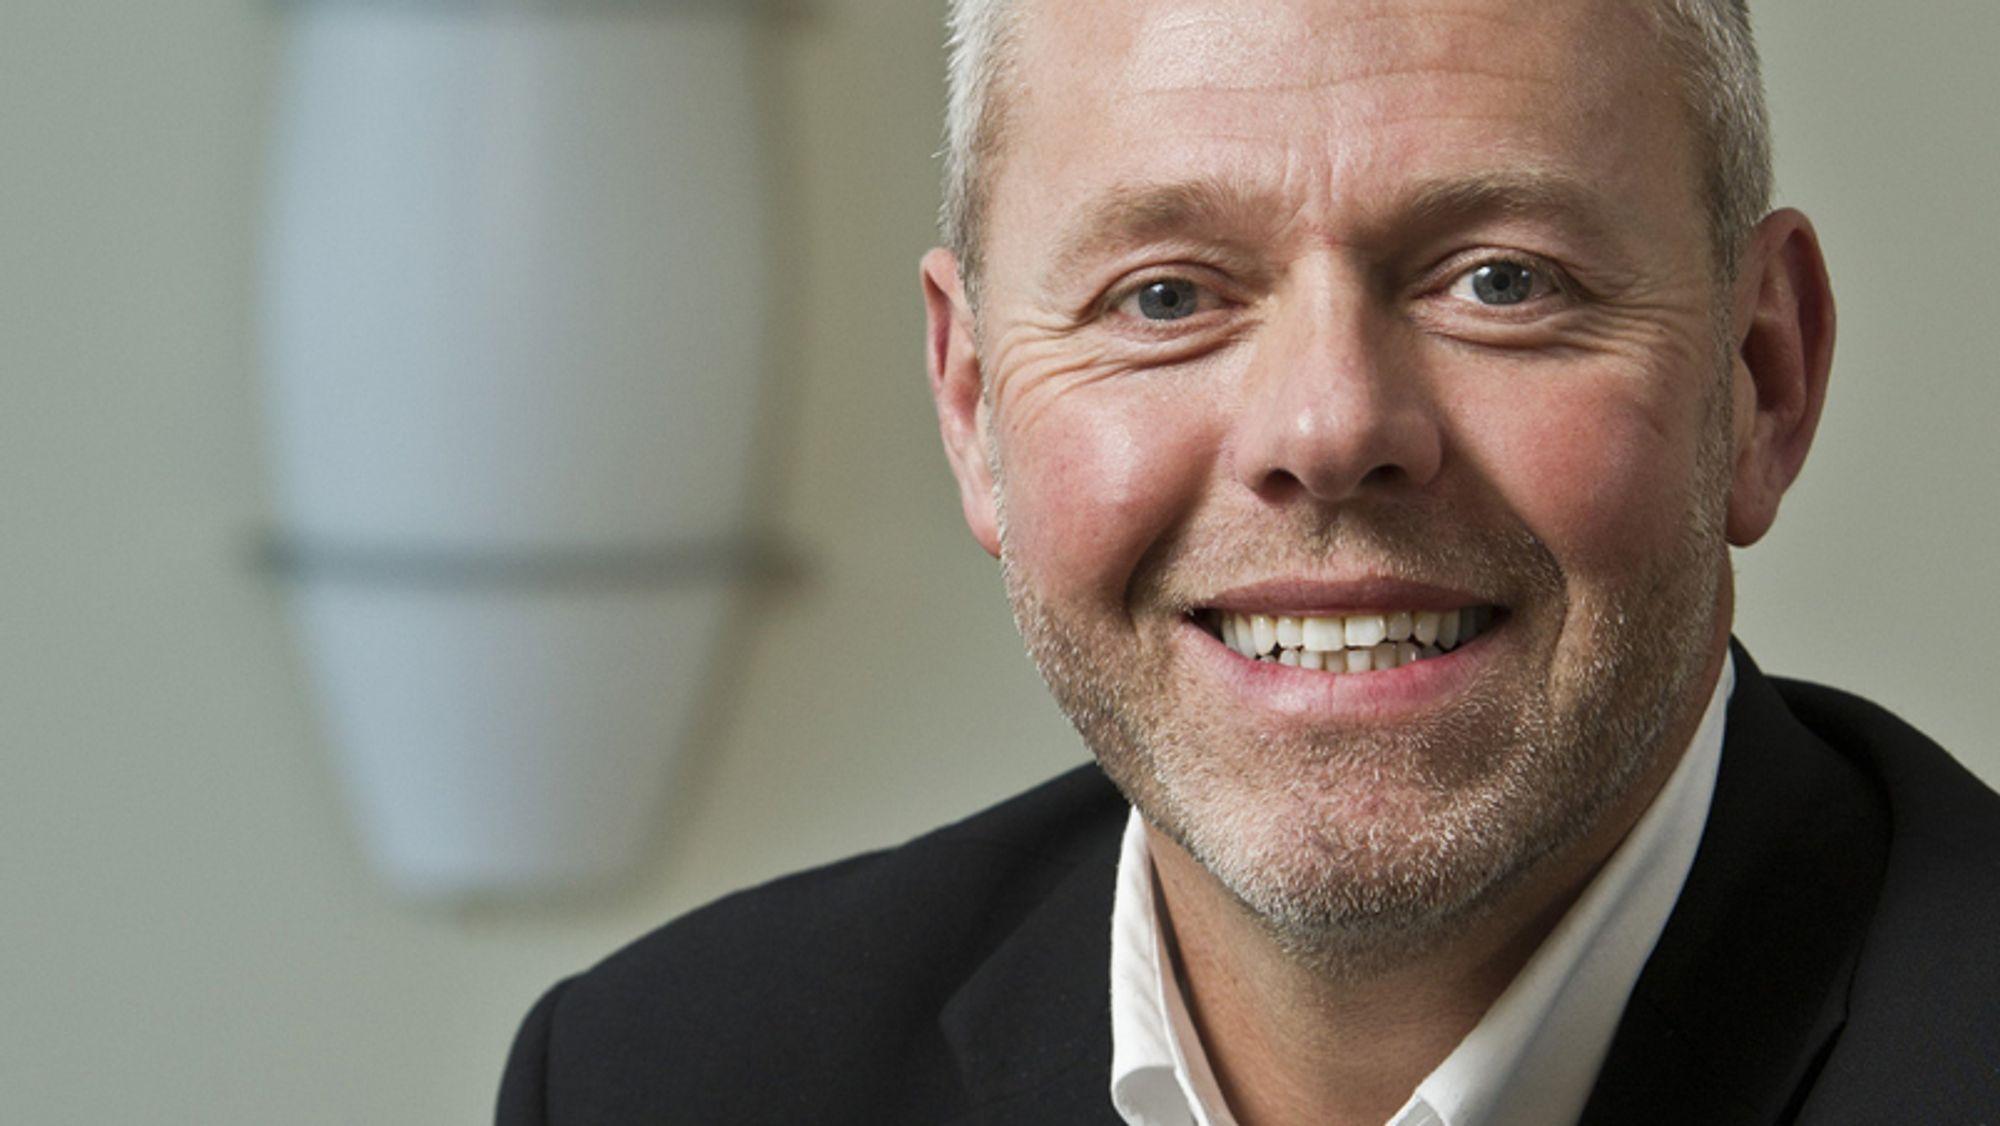 25 år får holde, mener daglig leder Egil Aaltvedt.